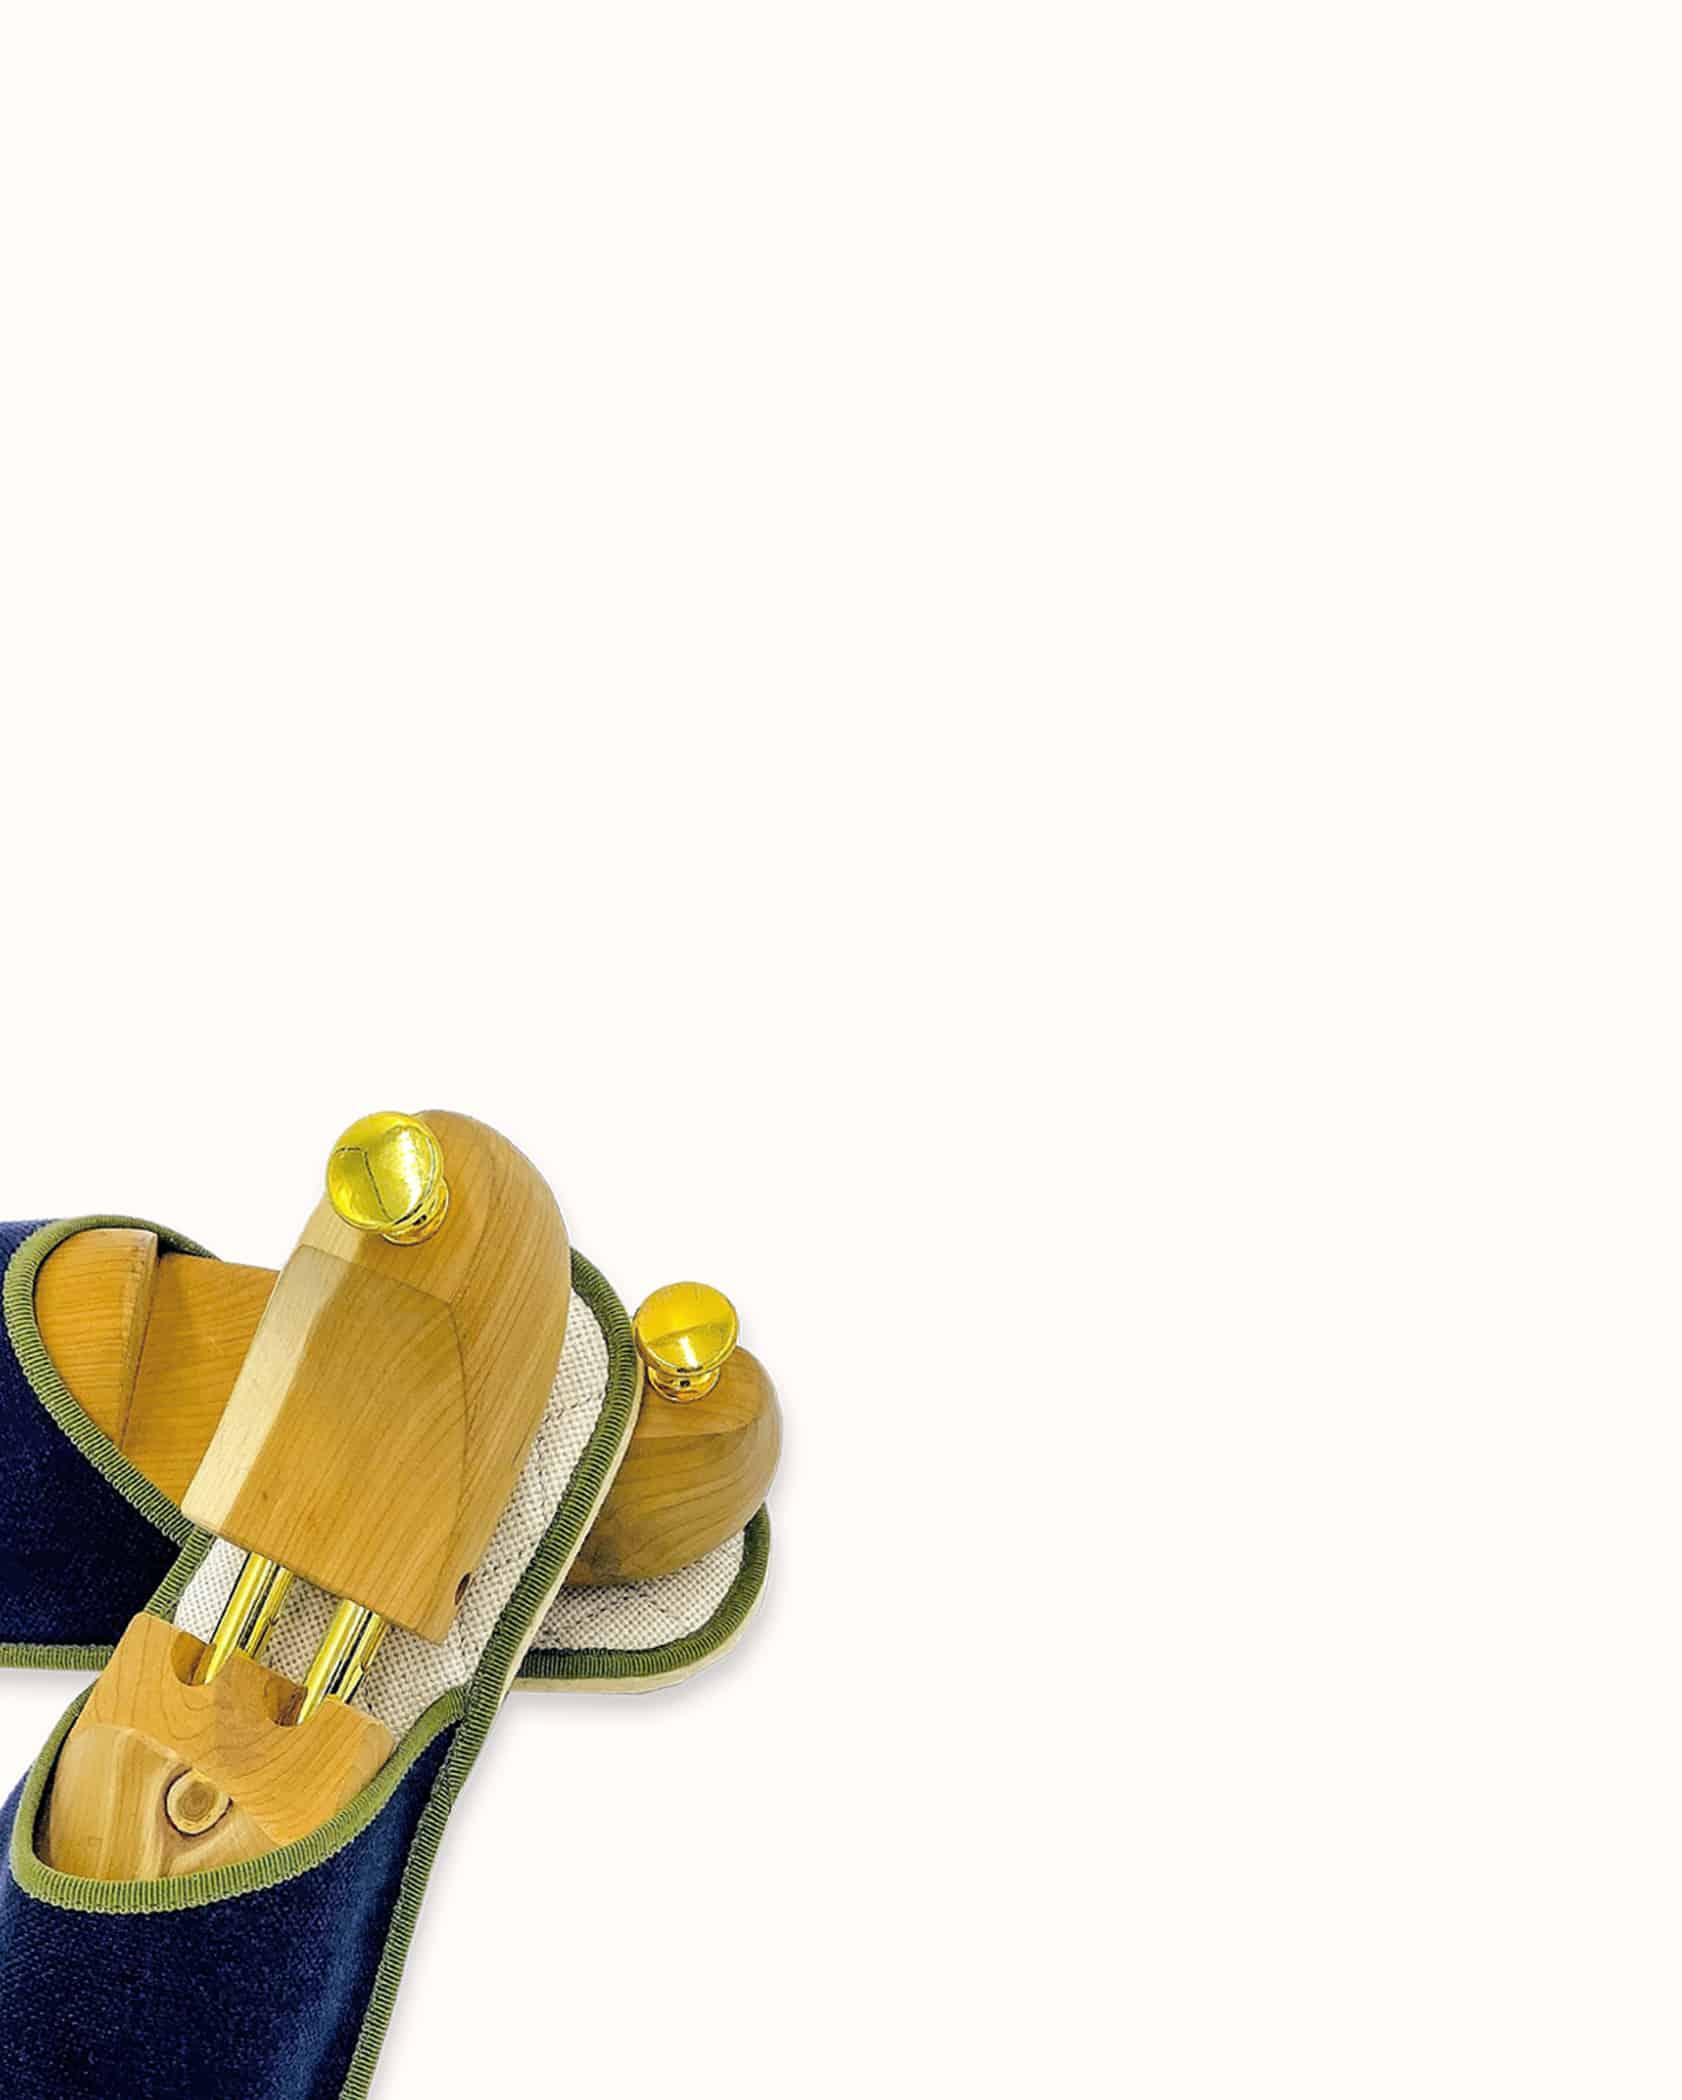 Chausson français pour homme, femme et enfant fabriqué en France. Modèle Minuit Boulevard (marine et vert), une pantoufle comme à l'hôtel vêtue d'un rembourrage matelassé et d'une finition sophistiquée.